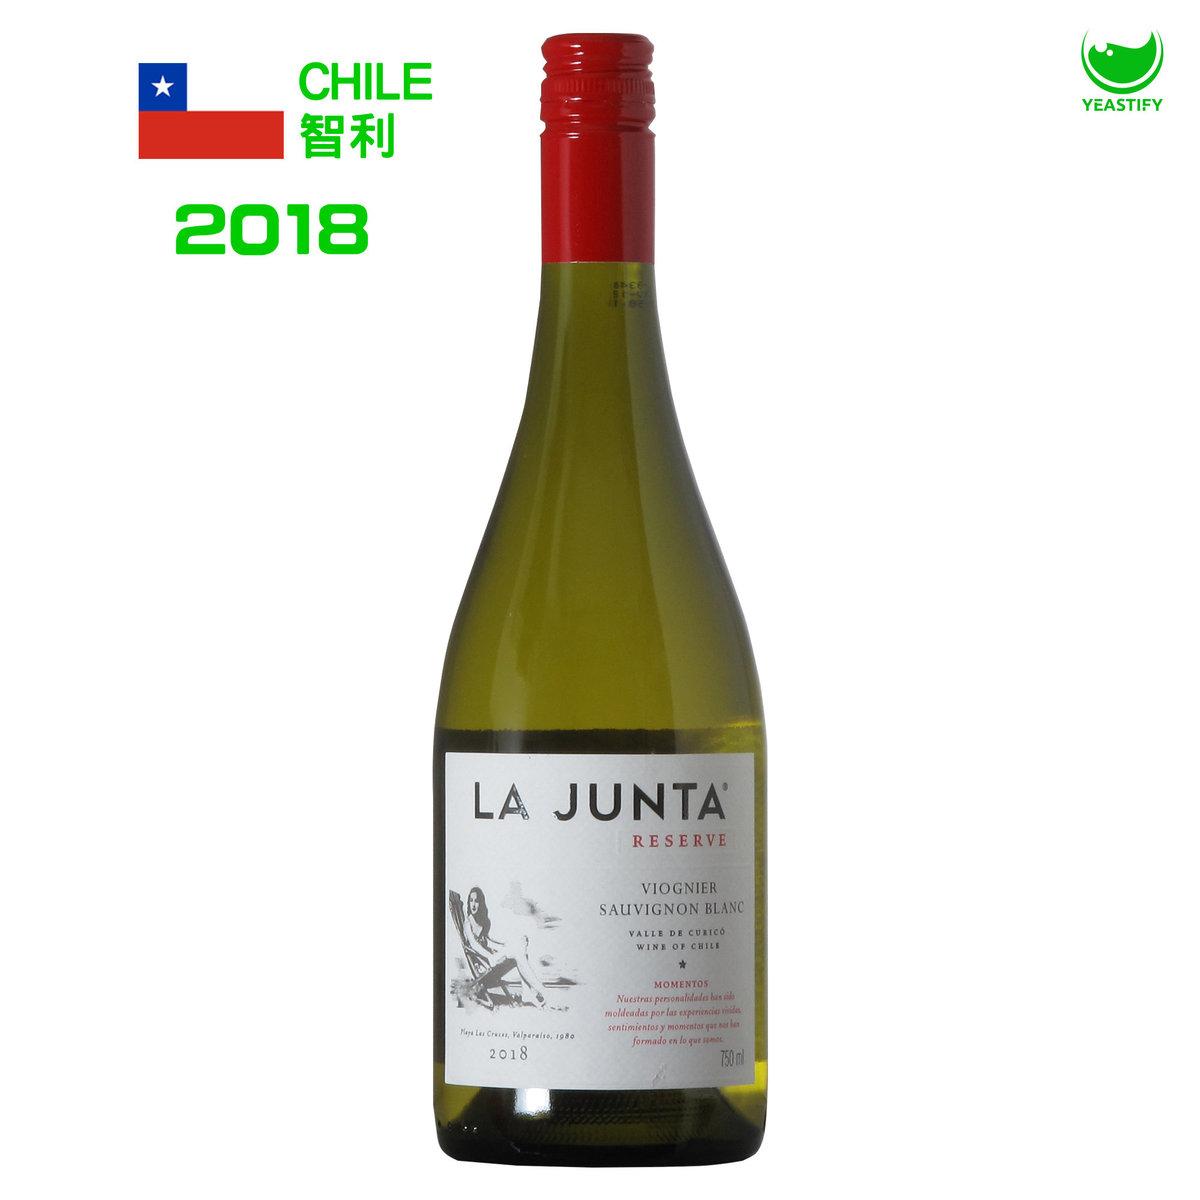 Momentos Reserve Viognier/Sauvignon Blanc 2018 White Wine